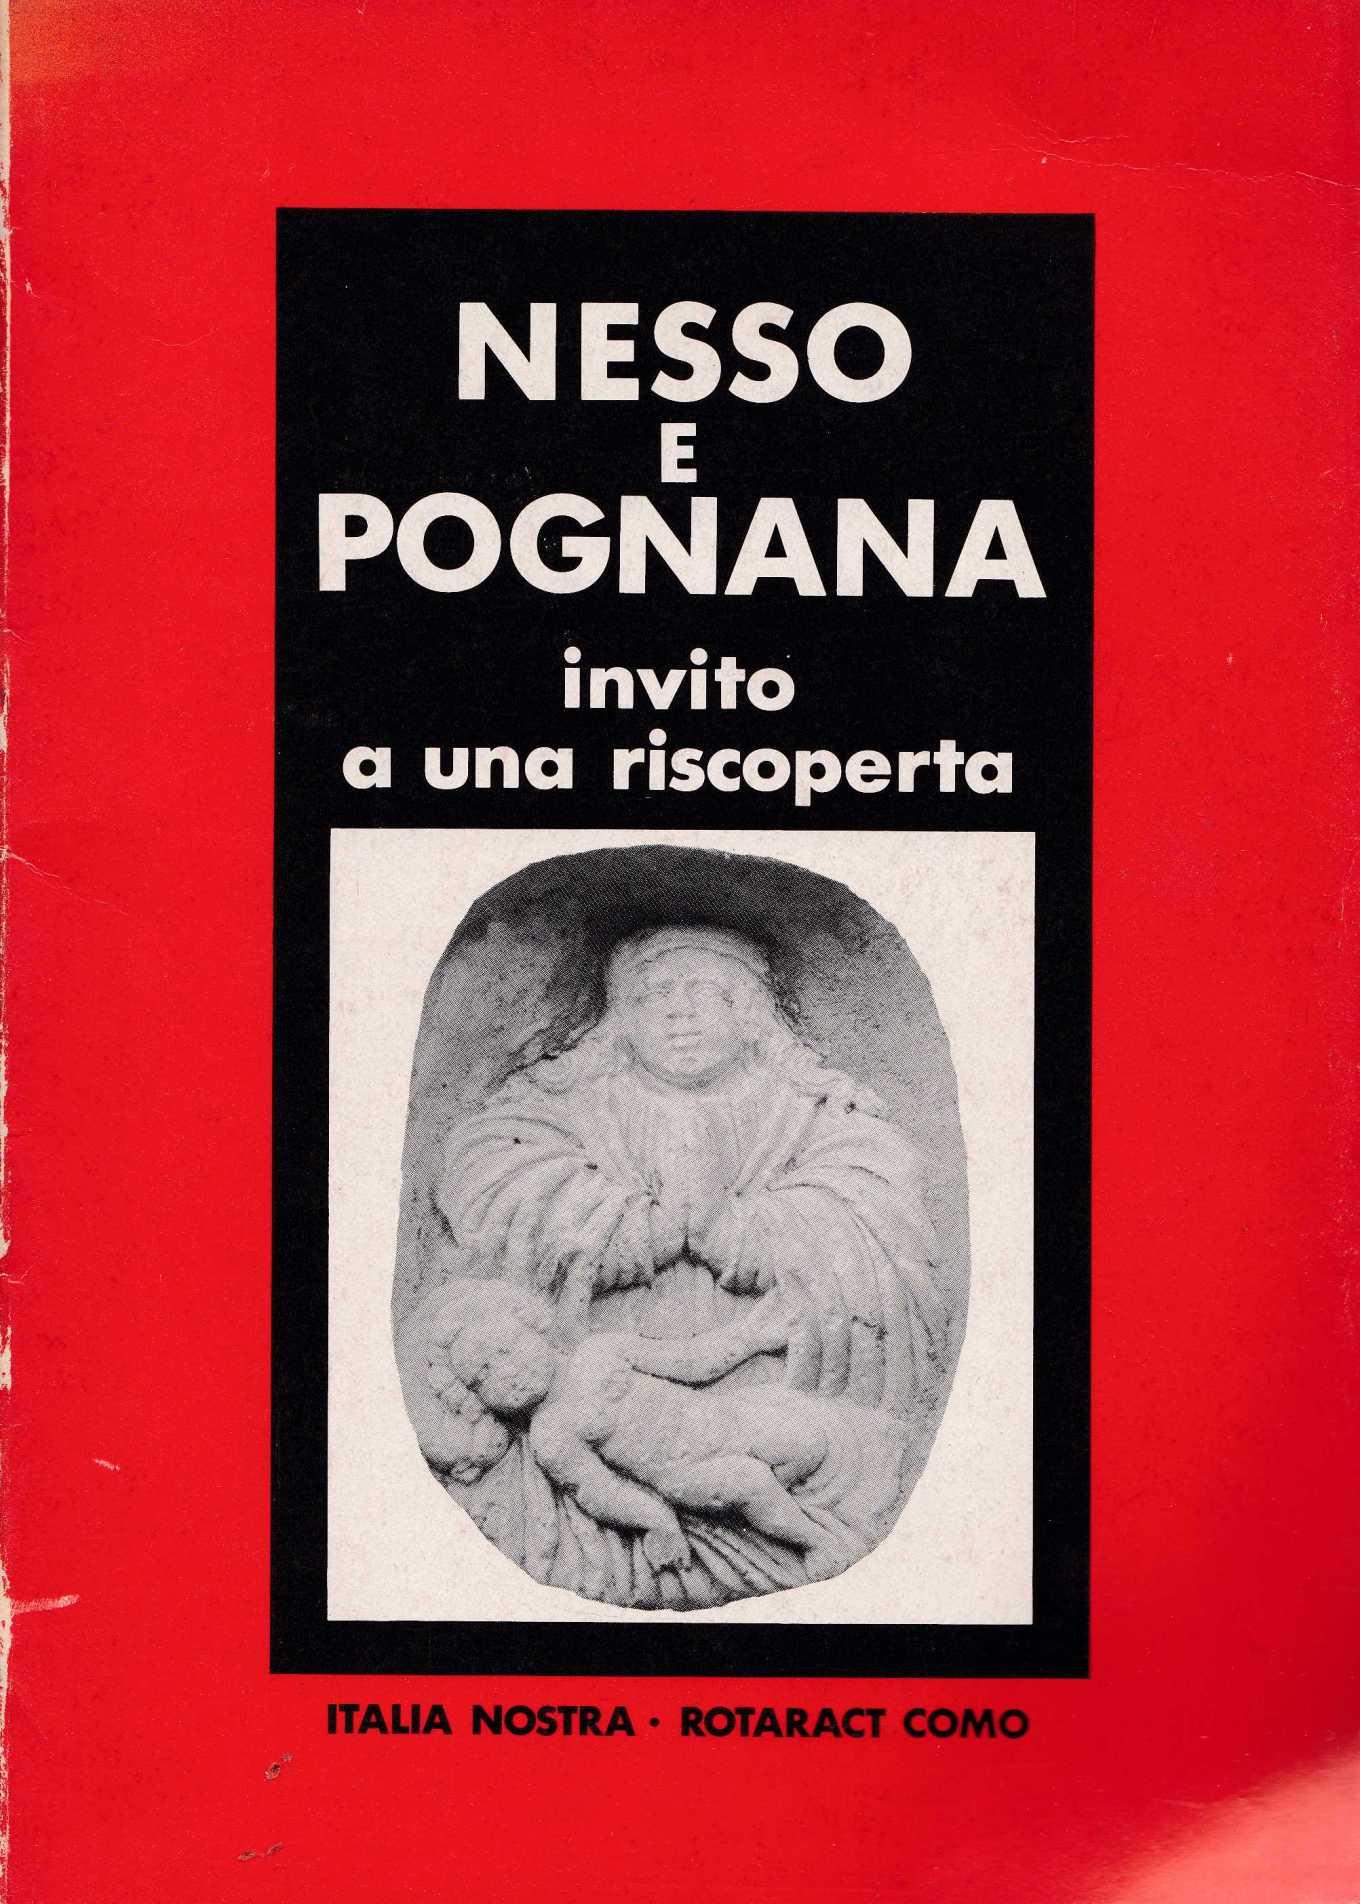 NESSO POGNANA3337